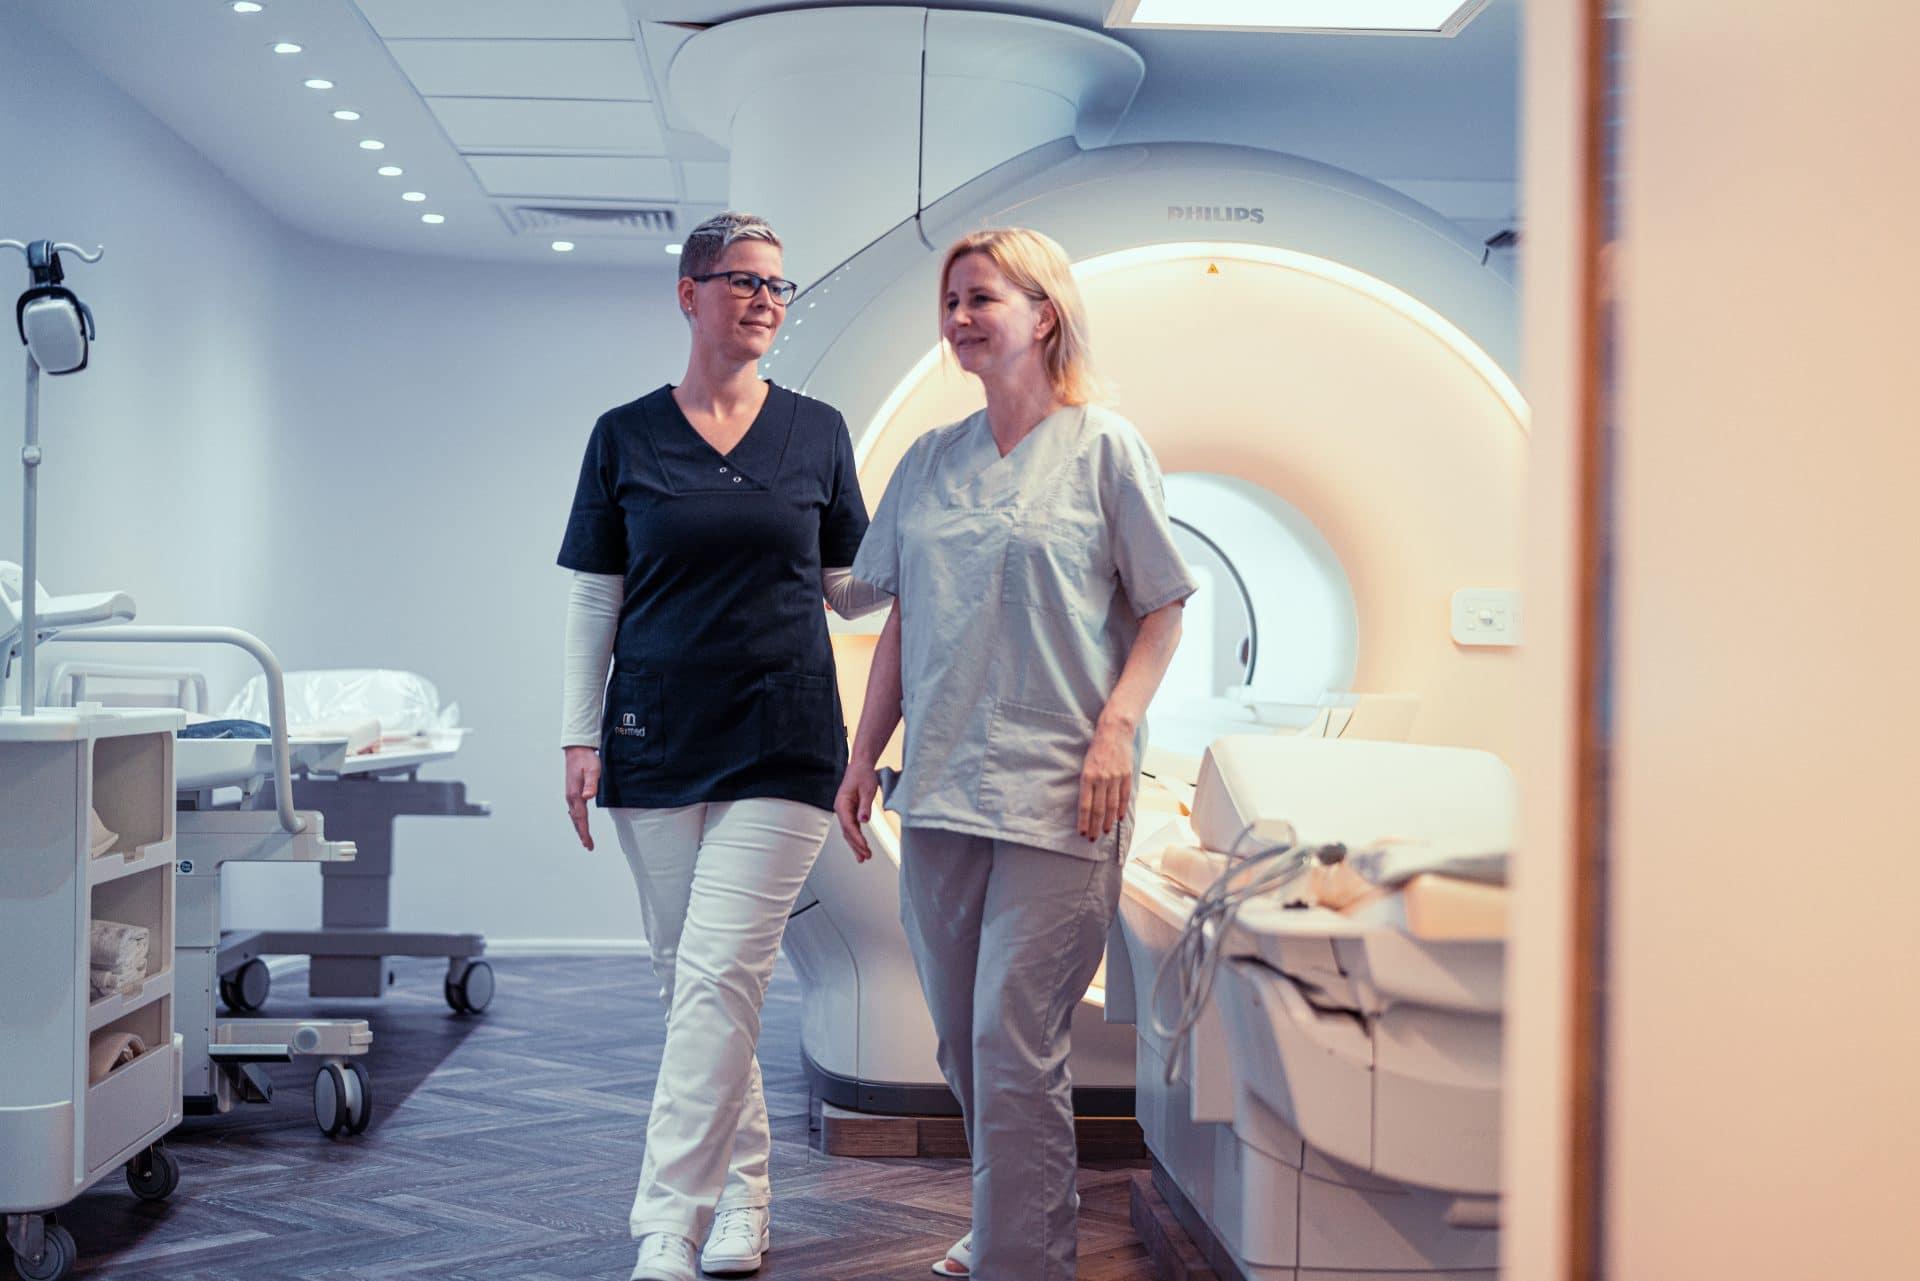 Mitarbeiterin begleitet Patientin aus dem Behandlungszimmer